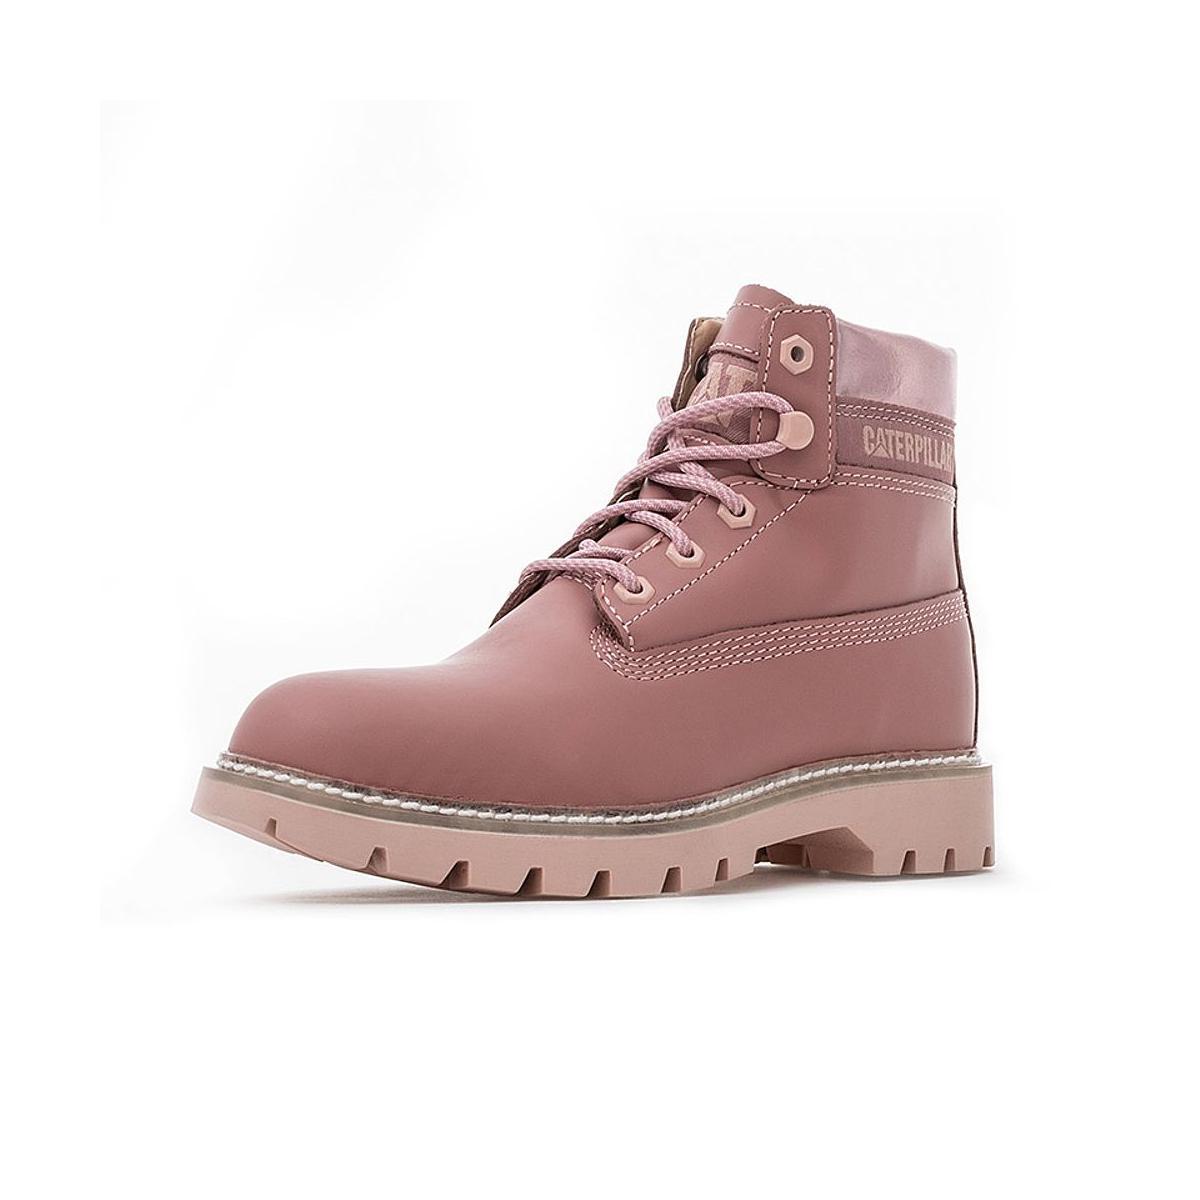 CAT 卡特彼勒 P310988I3BDC55 女款牛皮革休闲靴